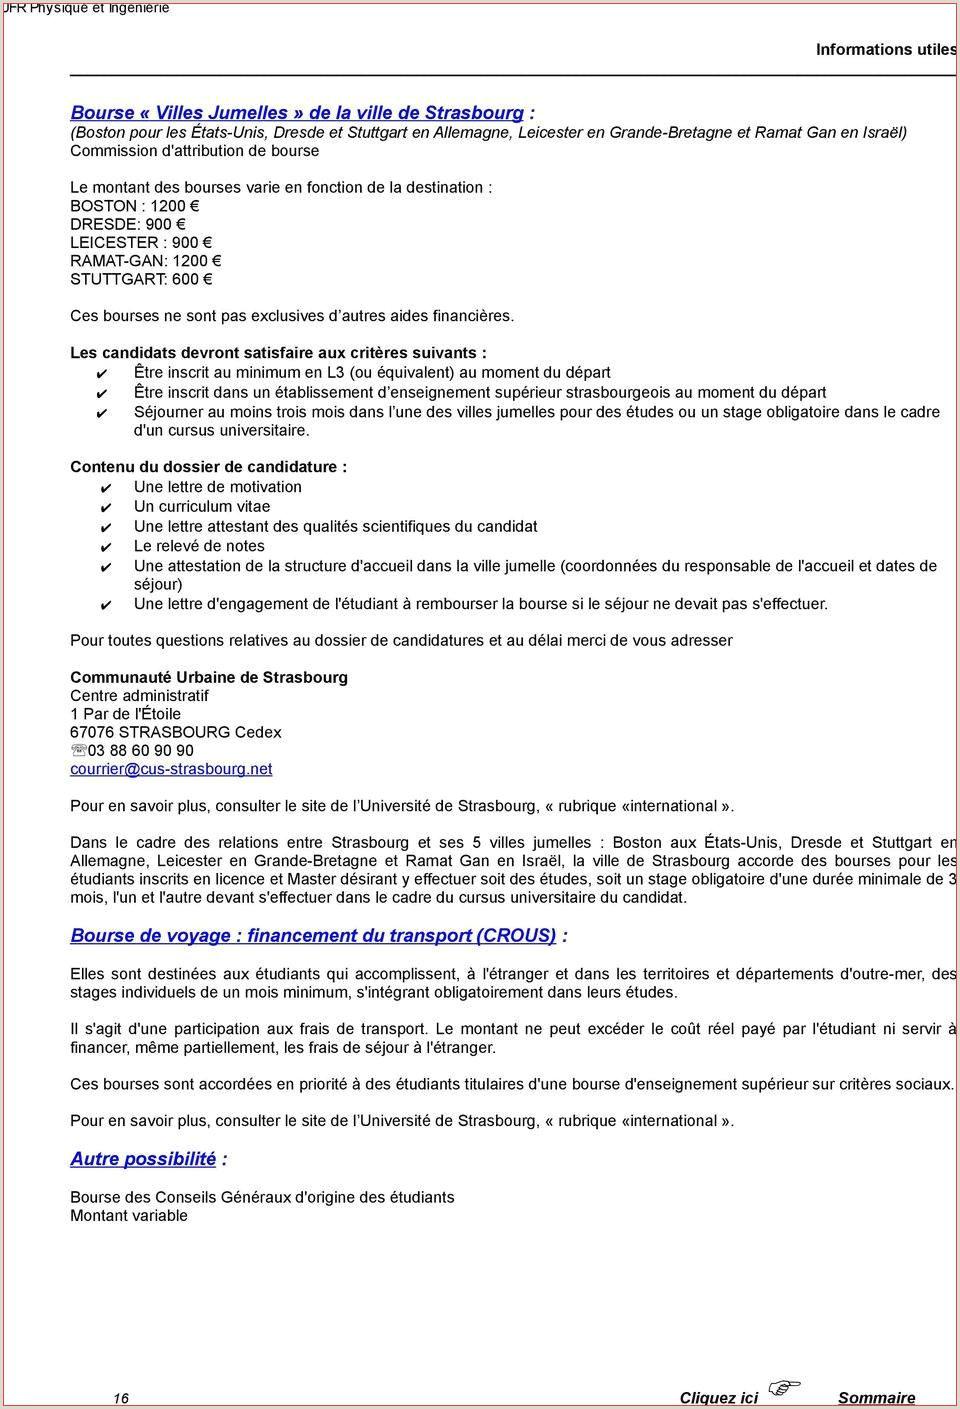 Exemple De Cv De Joueur De Football Pdf Cv Sportif Football Frais Graphie Cv Sportif Football